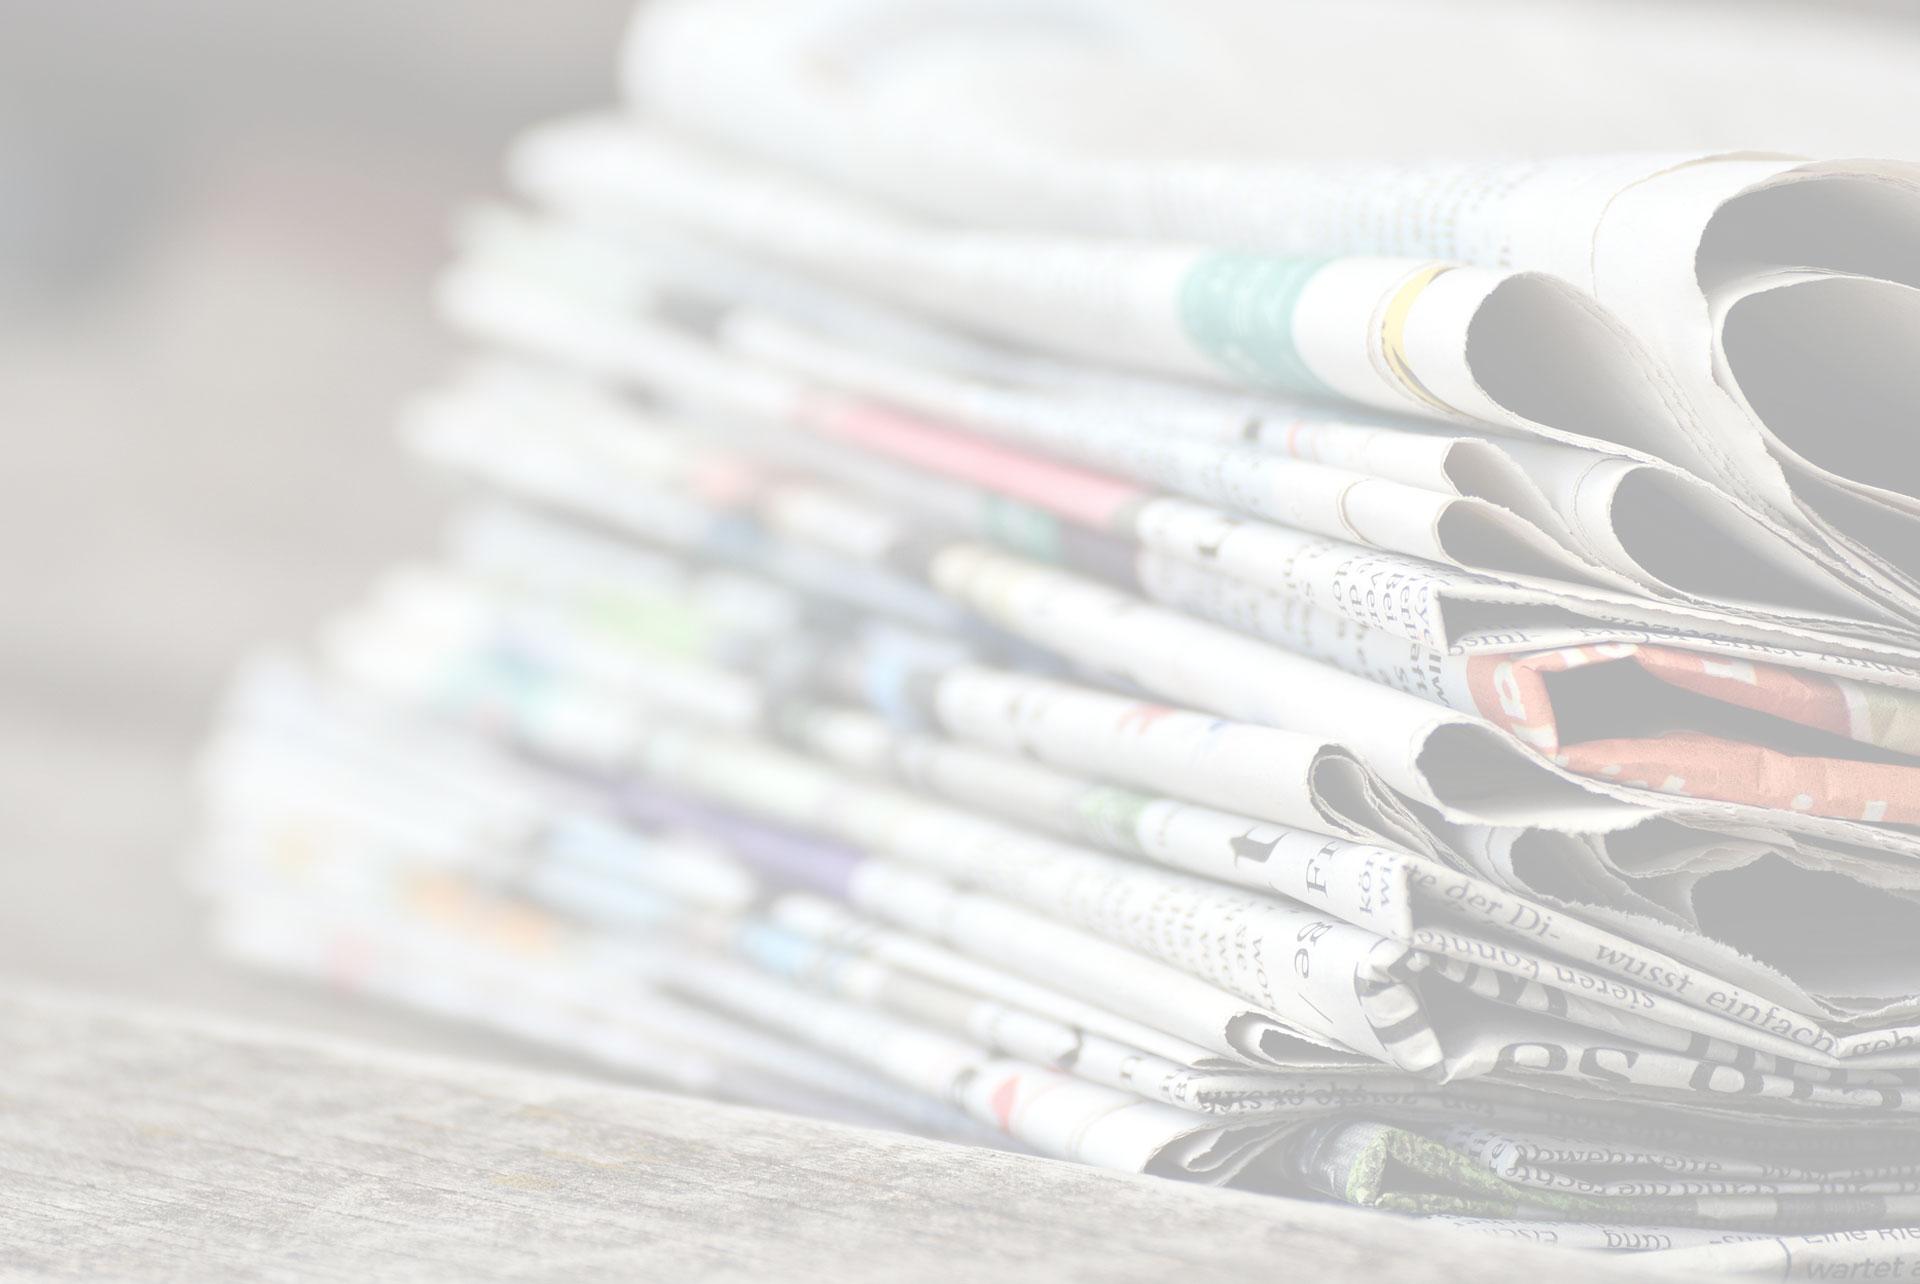 Milan, 1991/1992